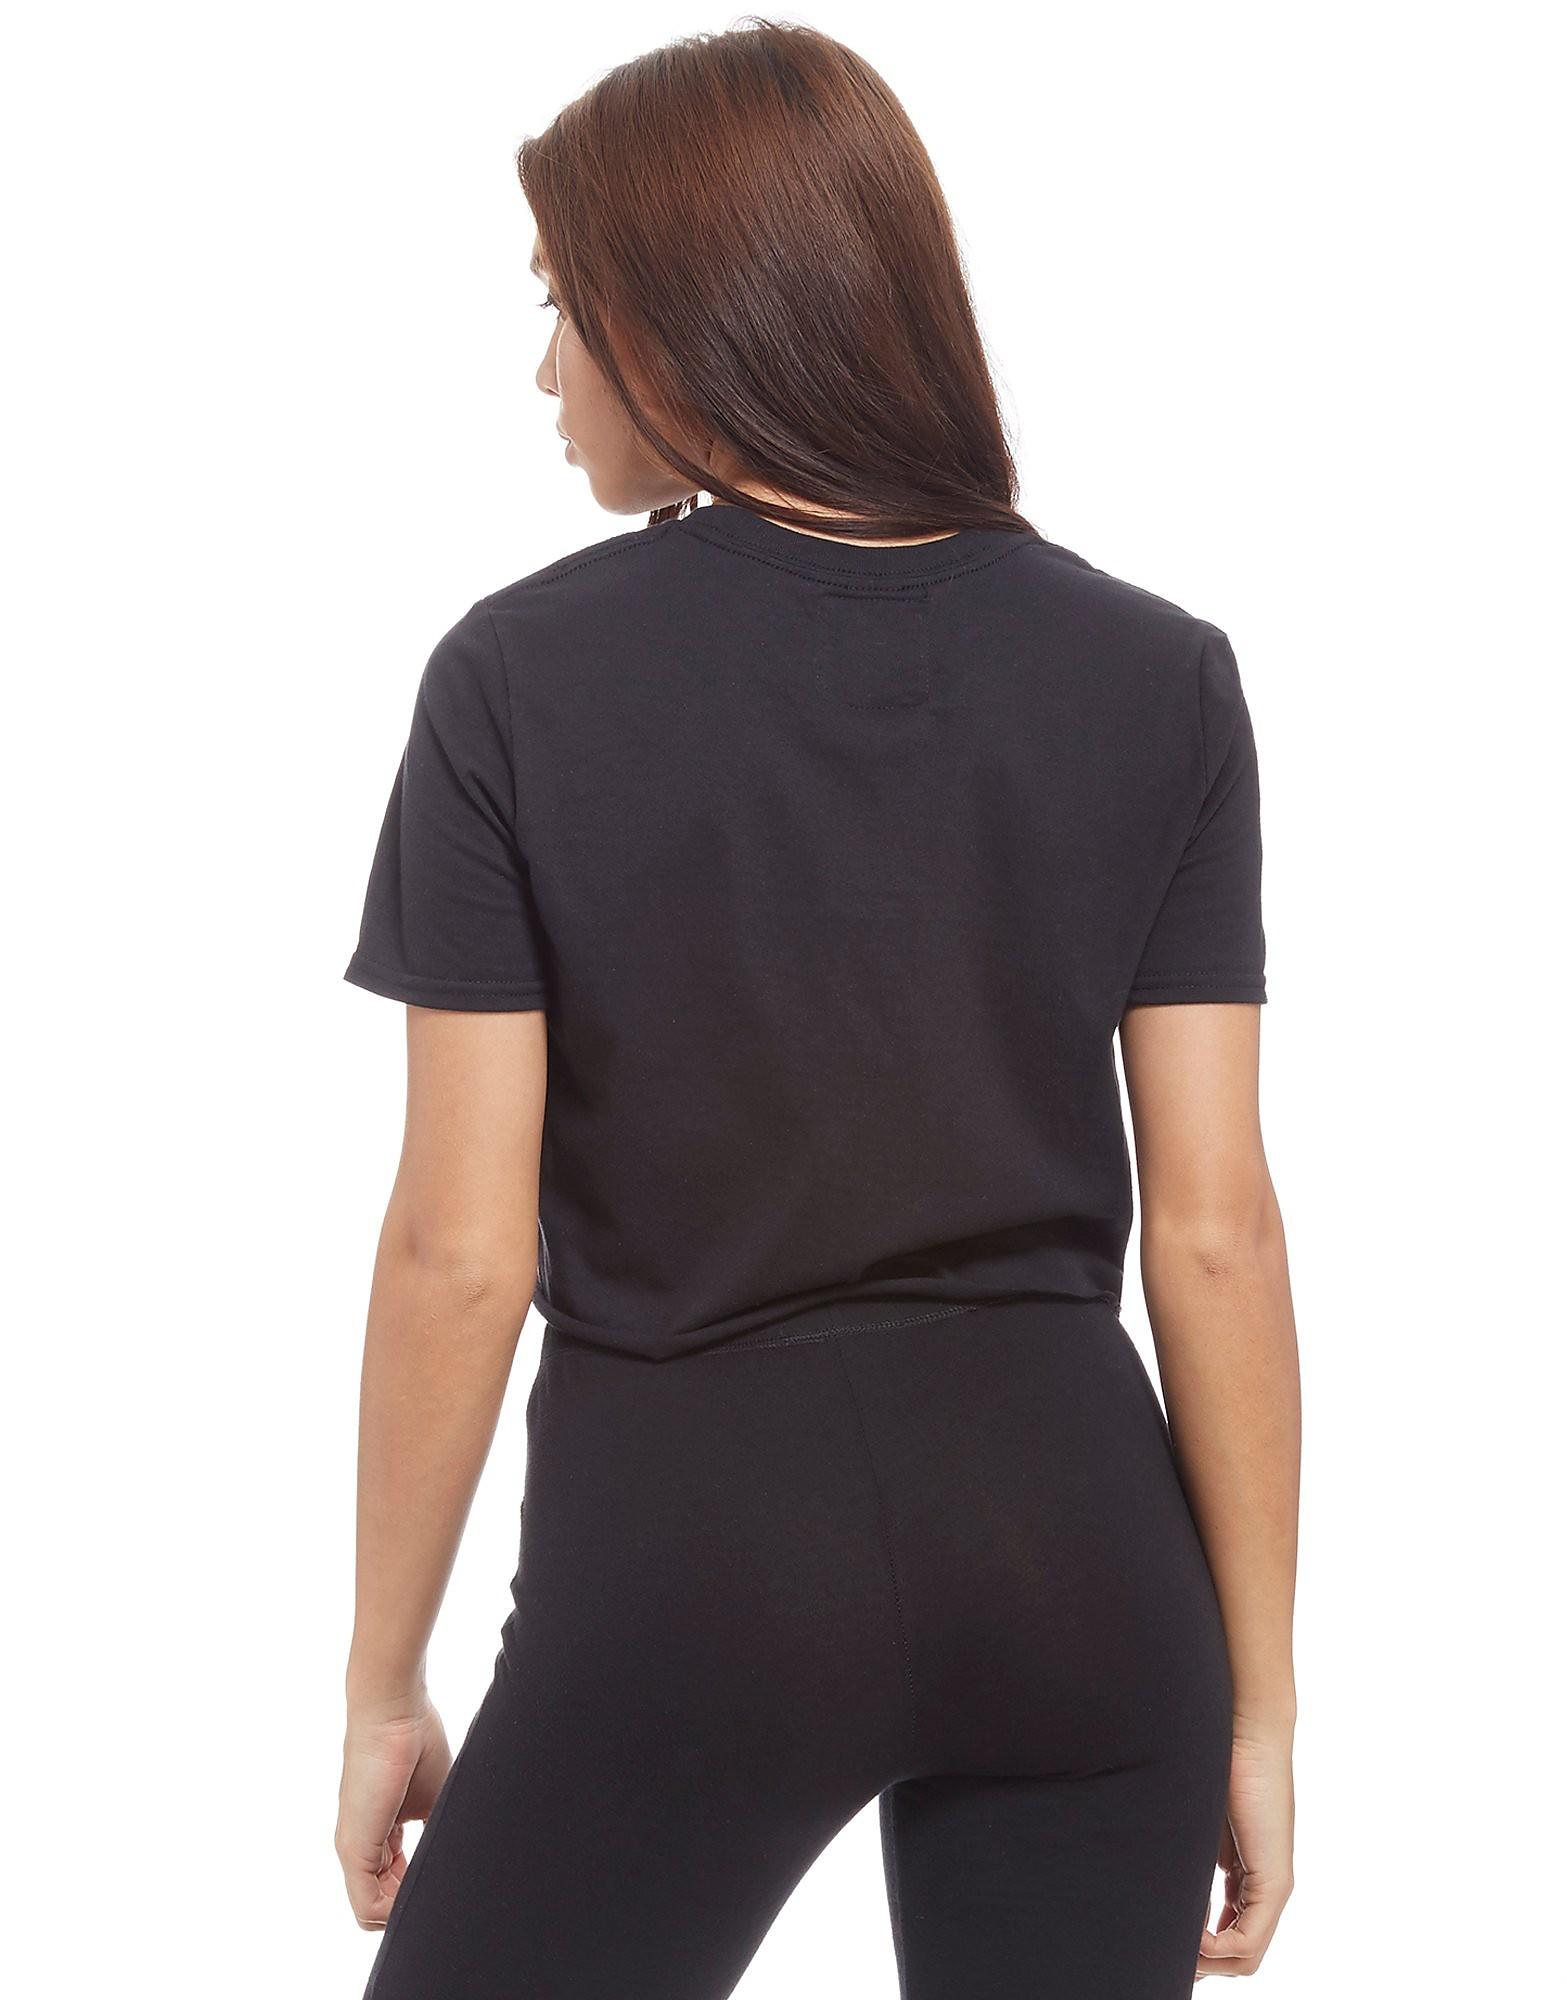 Supply & Demand Sass Girl Crop T-Shirt